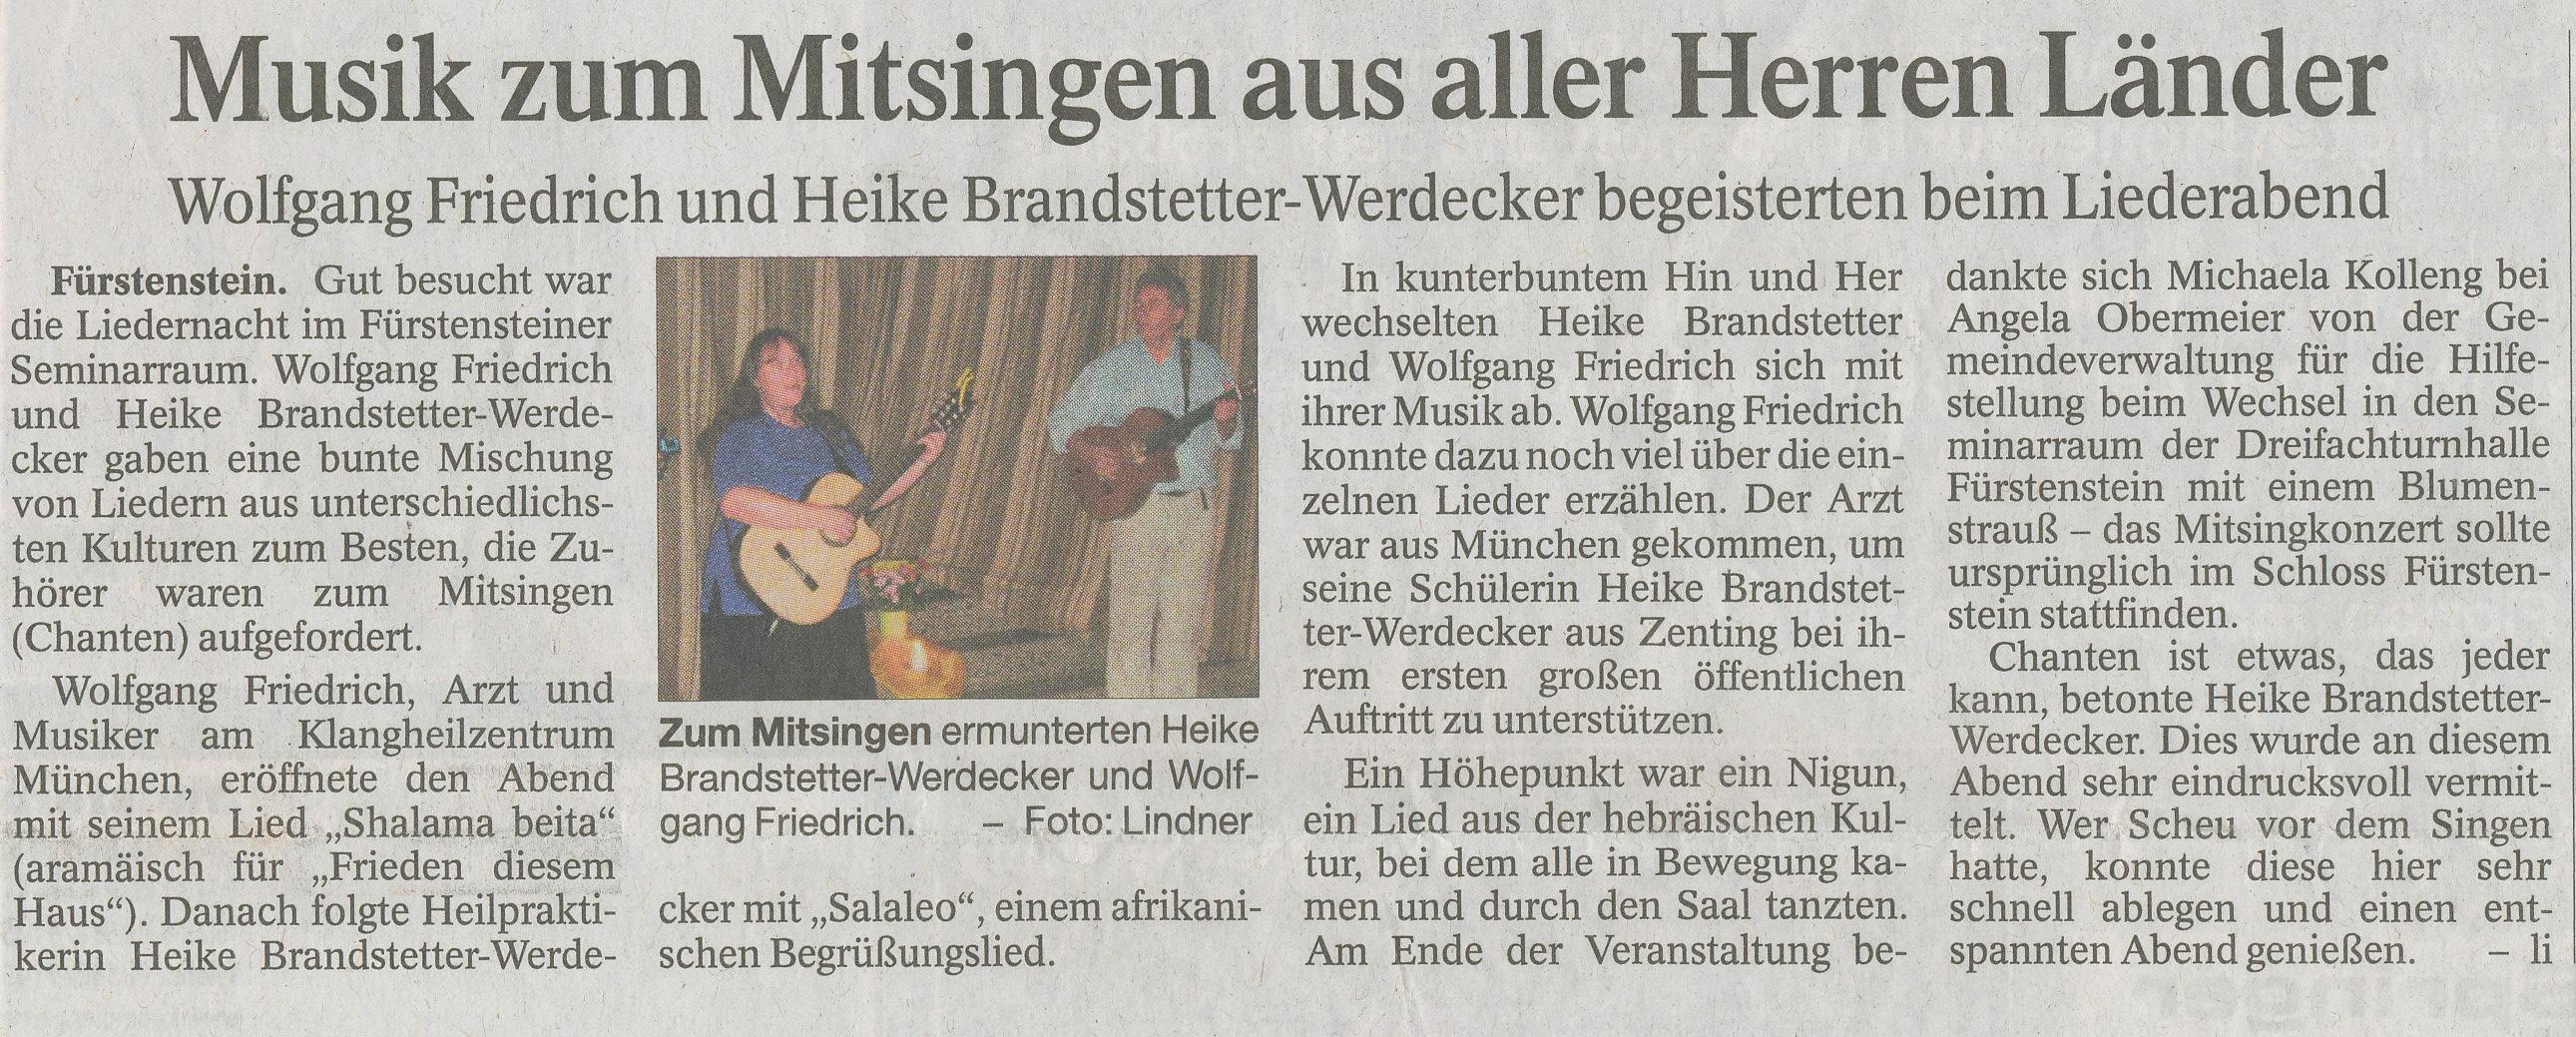 Artikel in der PNP Chanten in Fürstenstein am 05.10.2013